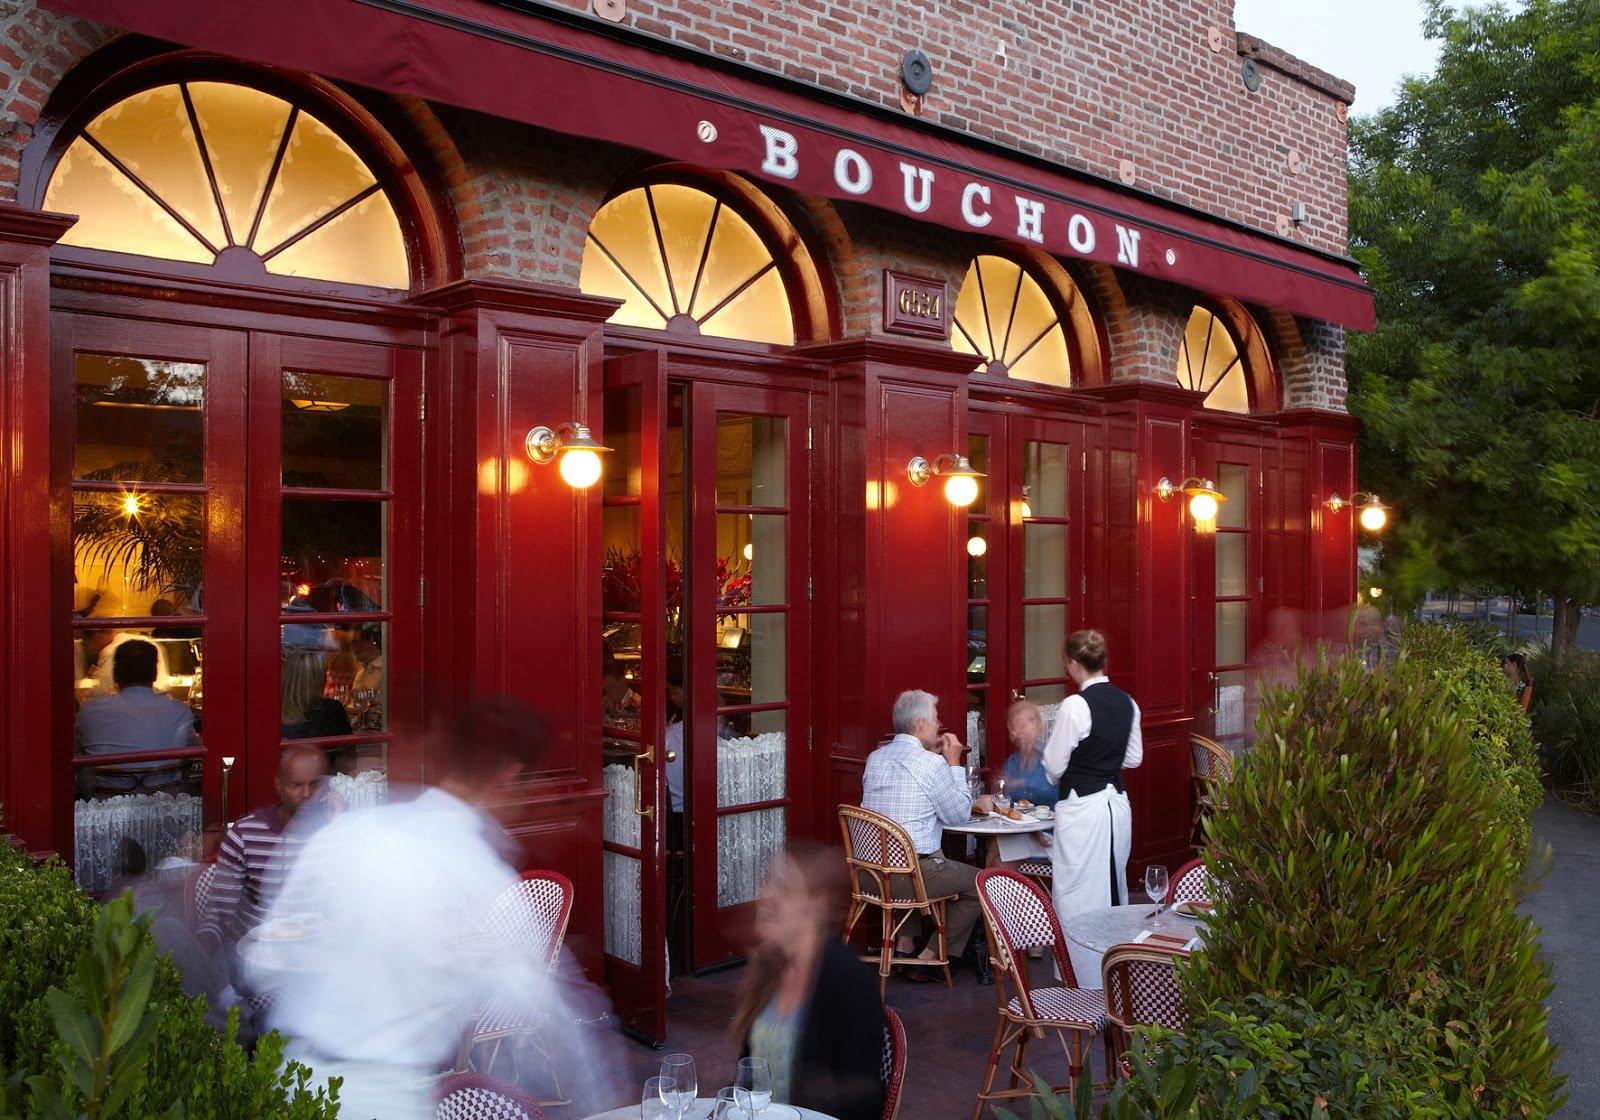 _BouchonYV_About.Restaurant